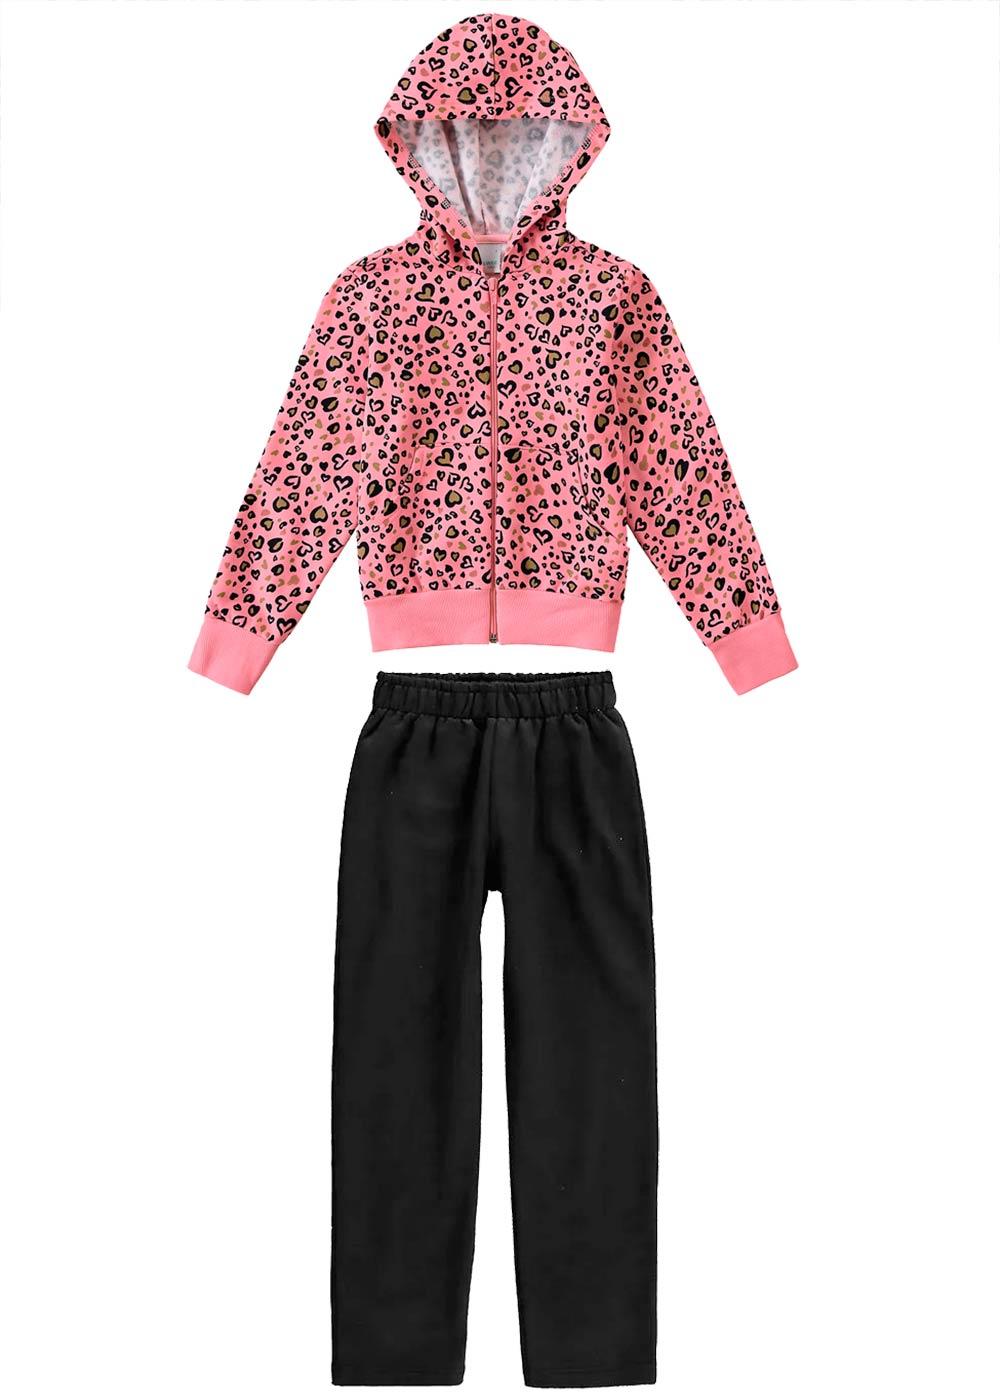 Conjunto Infantil Feminino Inverno Blusa e Calça Rosa Corações Malwee